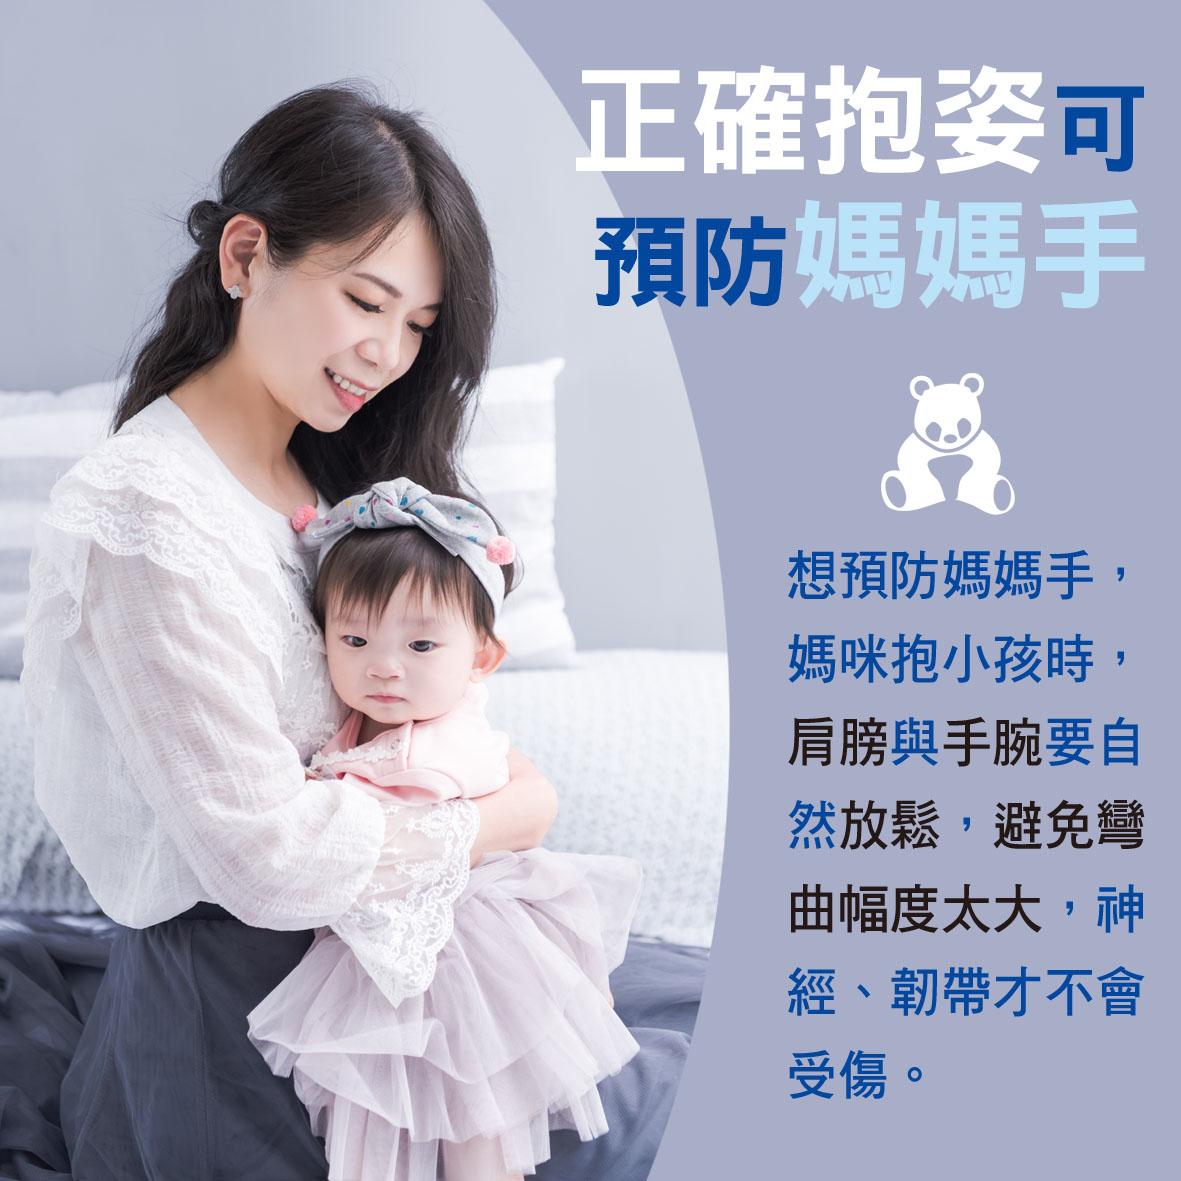 寶寶篇第23週-正確抱姿可預防媽媽手